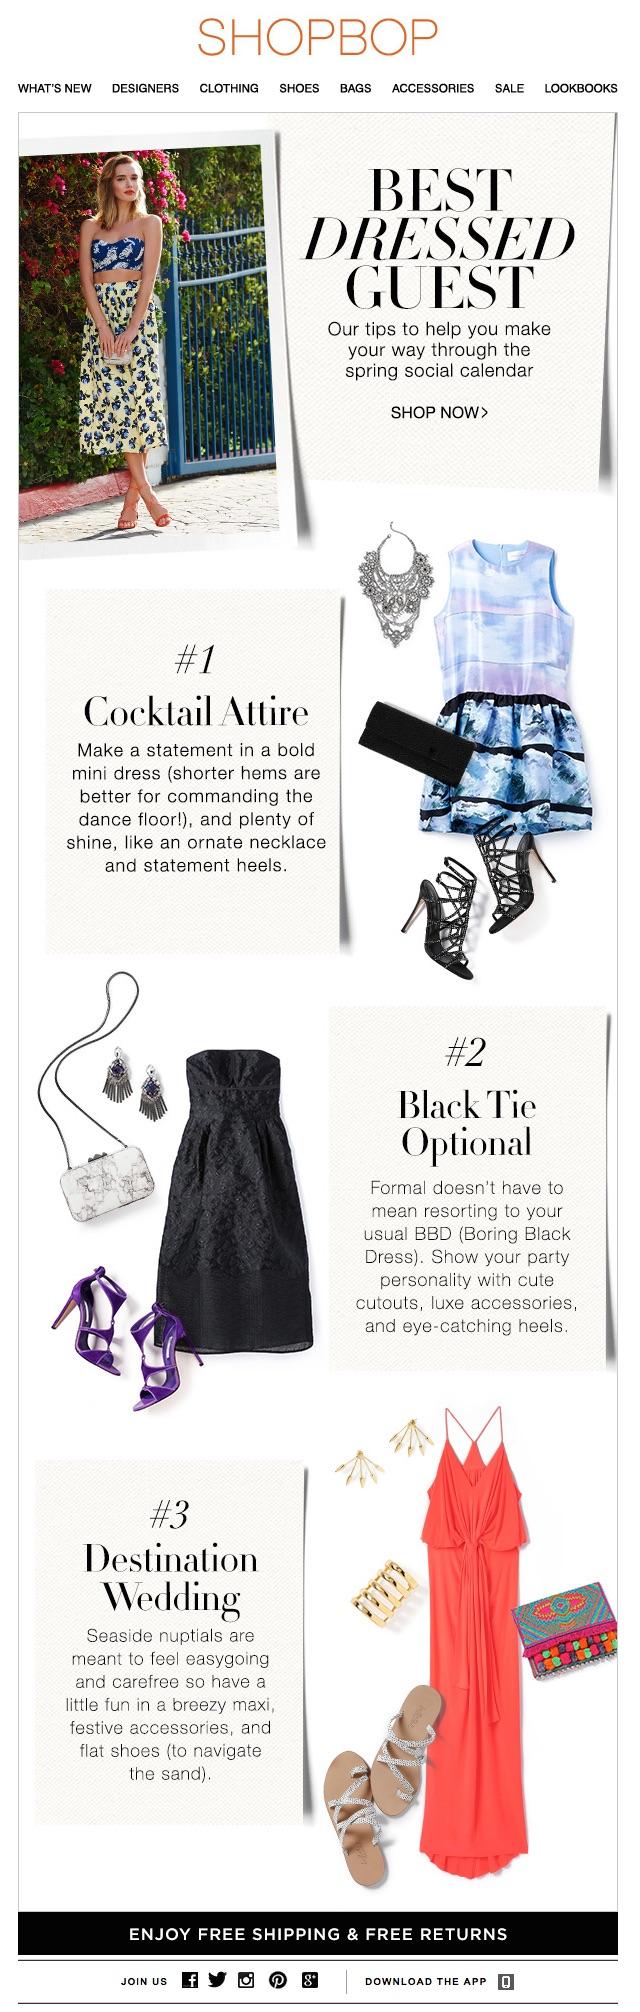 newsletter per vendere di più un primavera: Shopbop